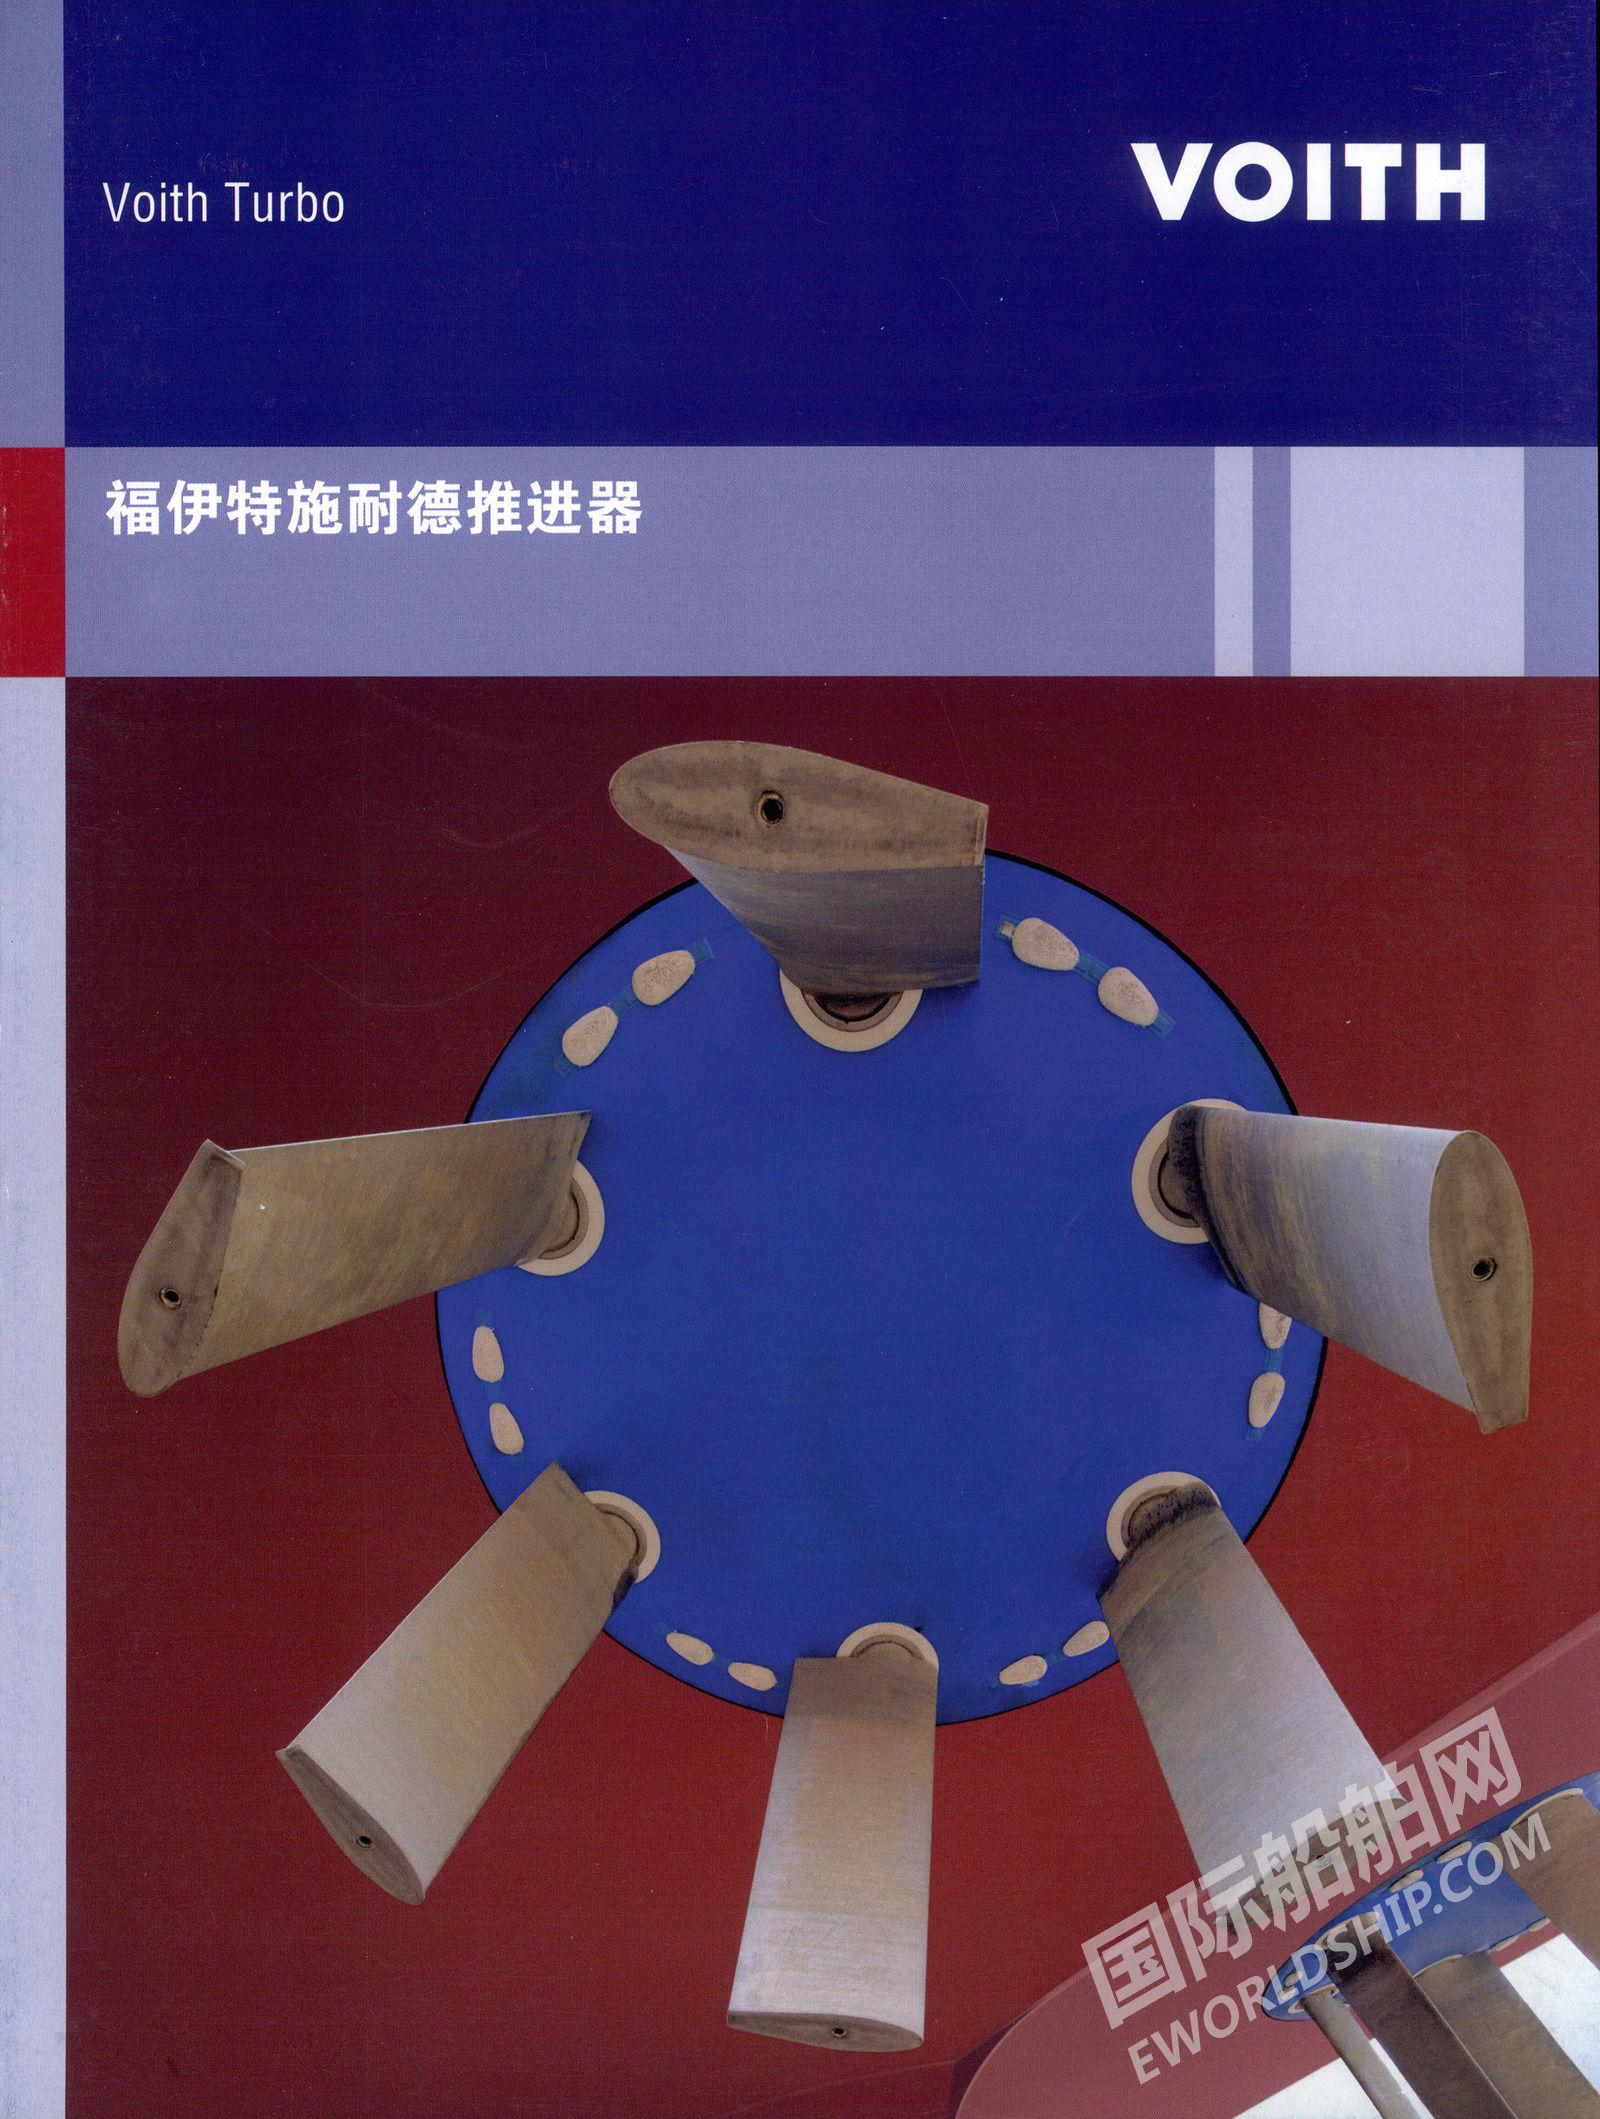 福伊特驱动施耐德推进器系统有限公司 福伊特施耐德推进器